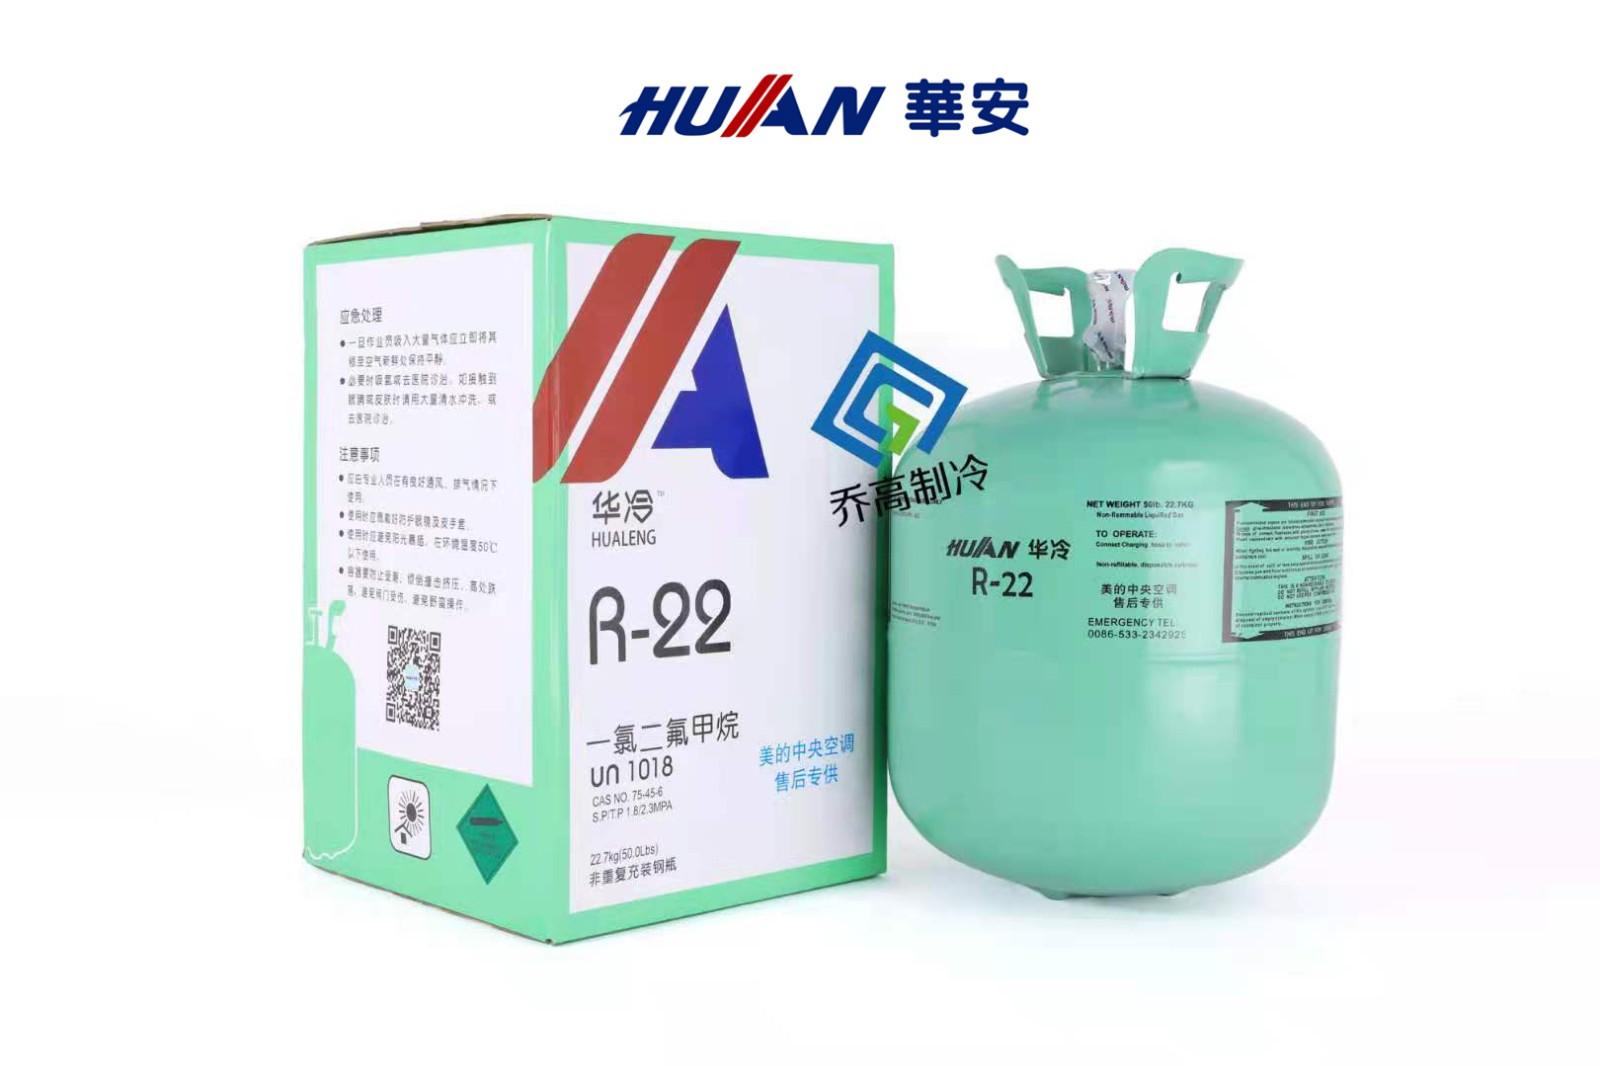 华冷R22制冷剂 美的空调专供  其空调及冷库系统